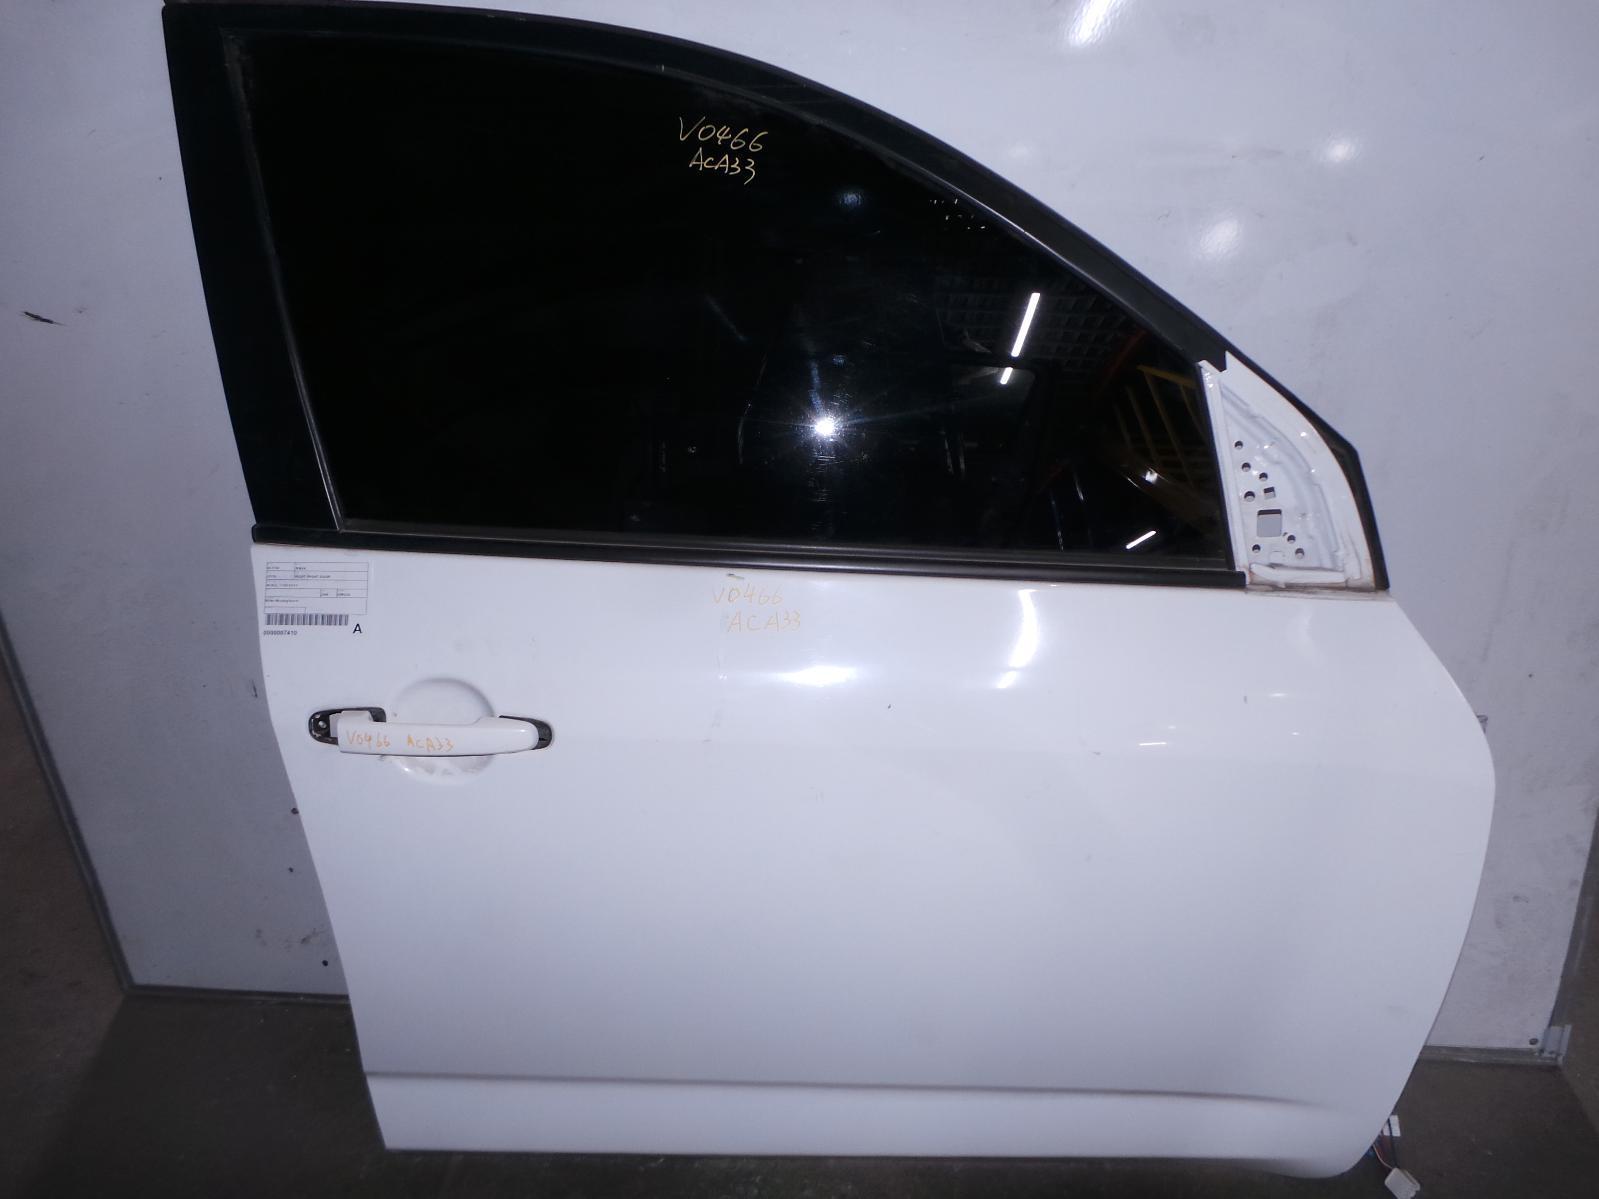 TOYOTA RAV4, Right Front Door, ACA33, 11/05-12/12